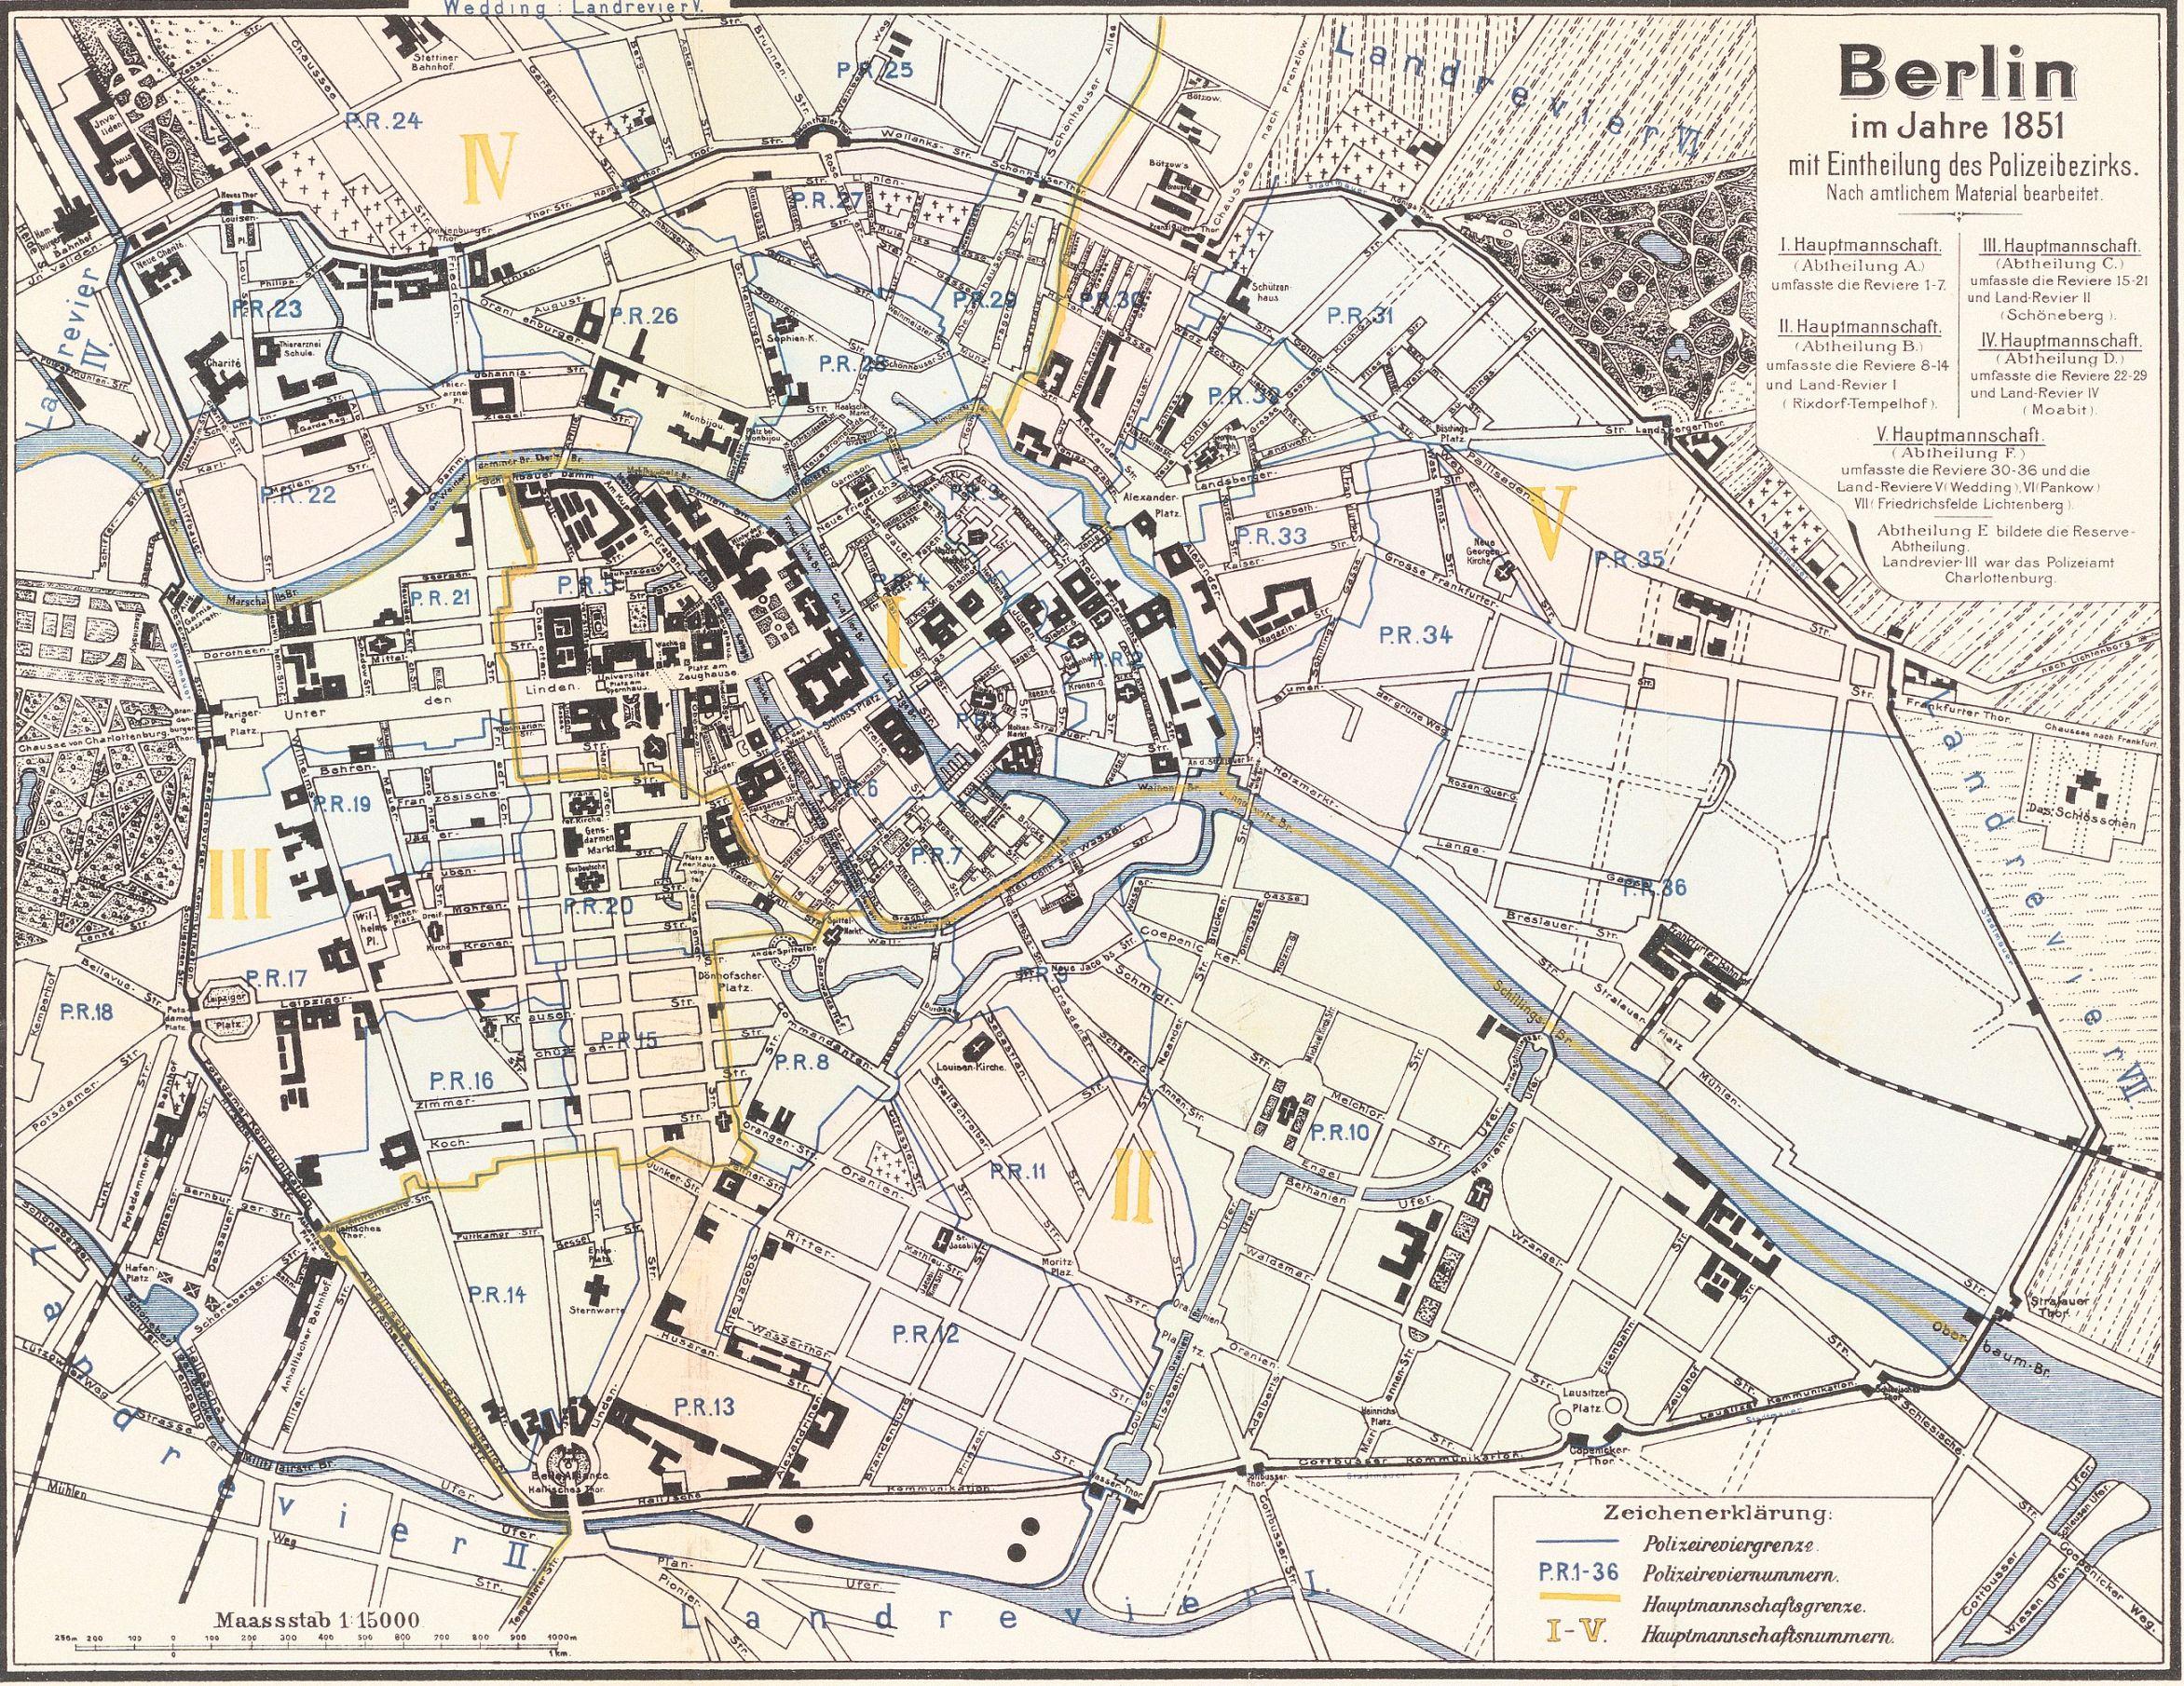 unbek verfasser stadtplan von berlin im jahre 1851 berliner stadtpl ne berlin stadt und karten. Black Bedroom Furniture Sets. Home Design Ideas